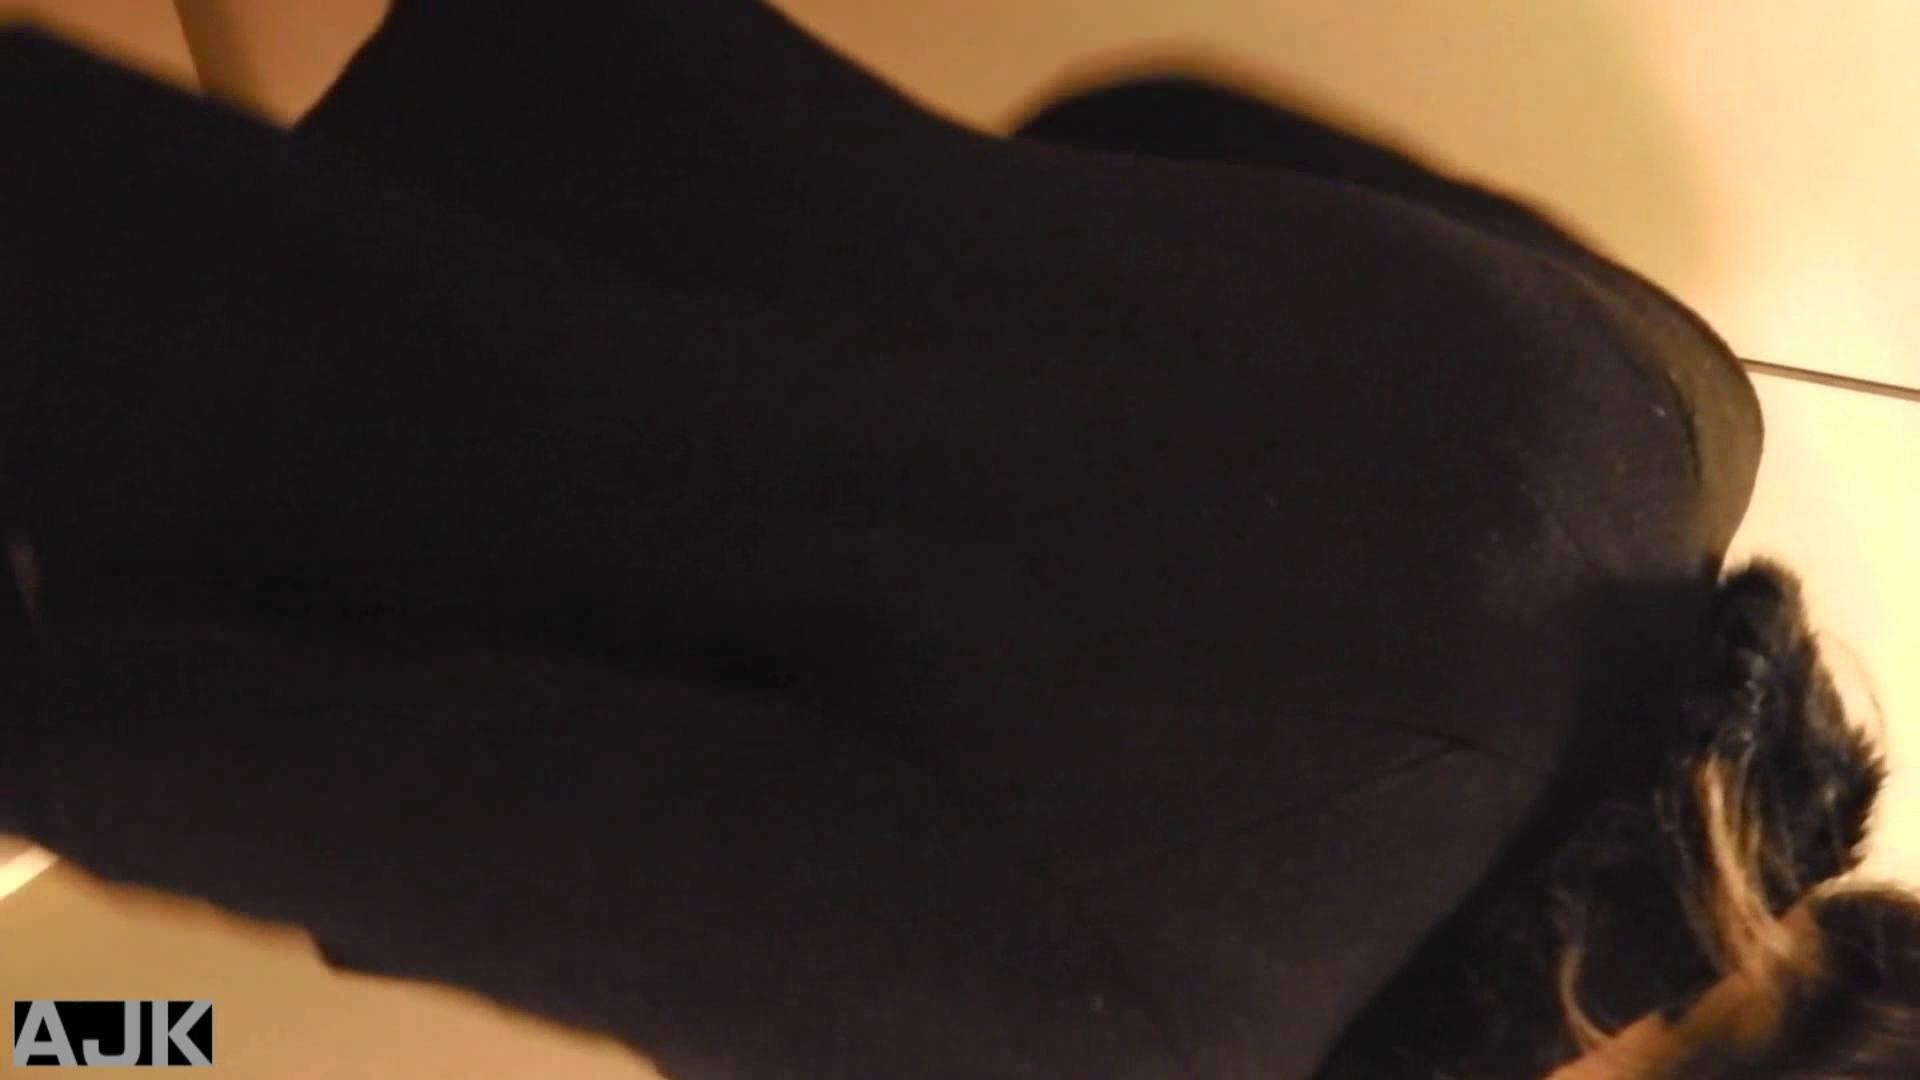 神降臨!史上最強の潜入かわや! vol.10 オマンコ秘宝館 隠し撮りオマンコ動画紹介 61連発 12